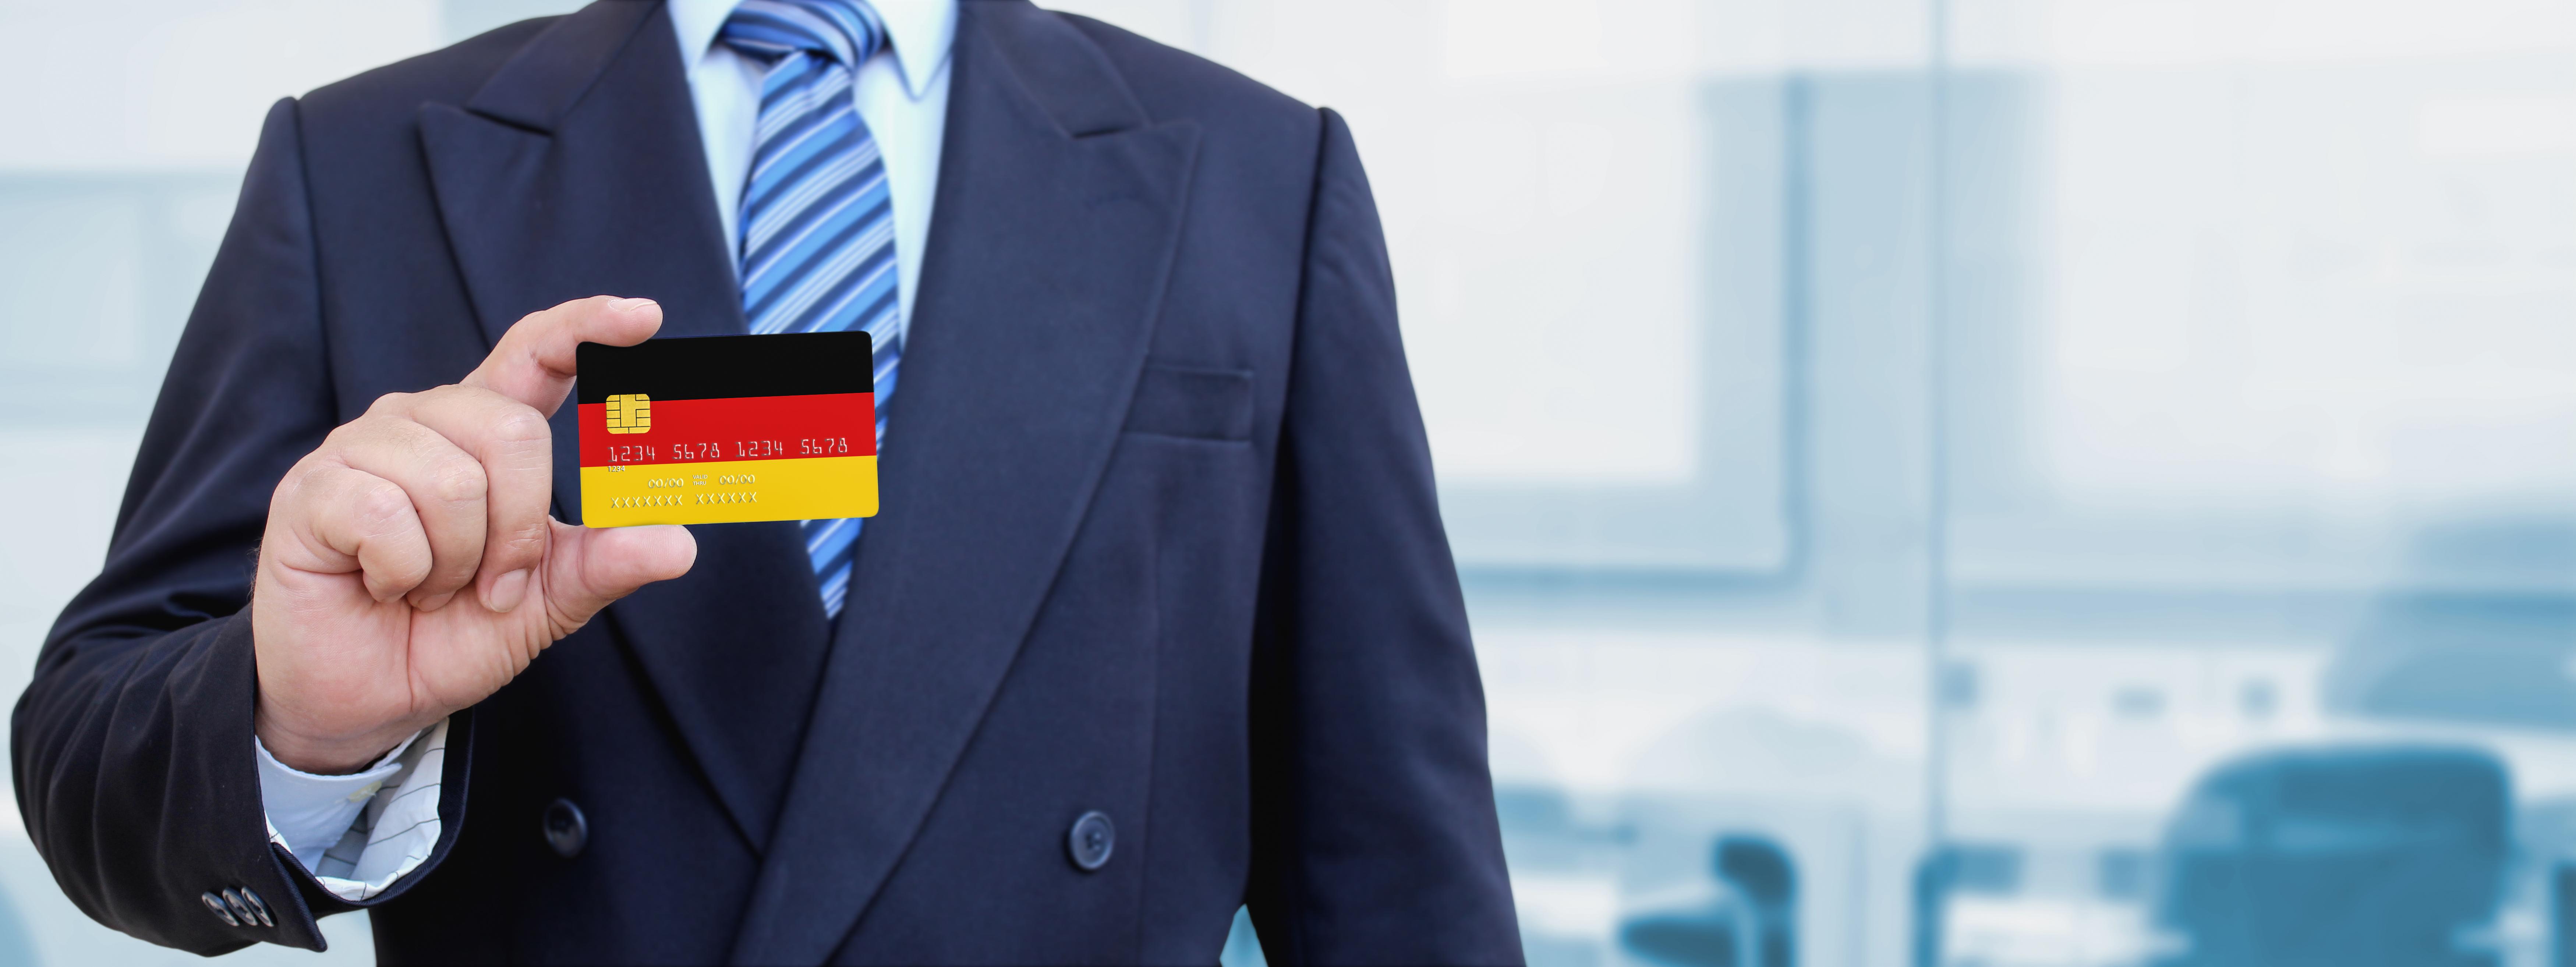 Бизнесмен с флагом Германии, куда можно переехать по бизнесу